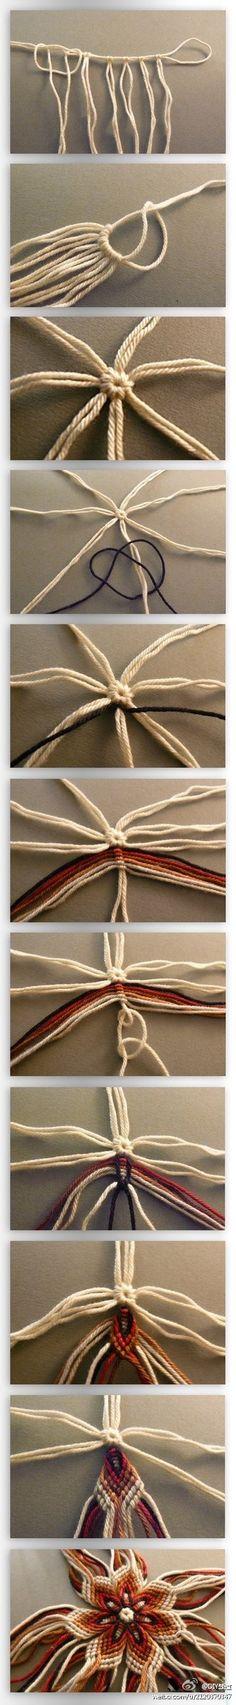 教你编一朵美丽的绳编花朵,手工达人厉害!…_来自念你七分好的图片分享-堆糖网 Click link to see interesting macramé flower